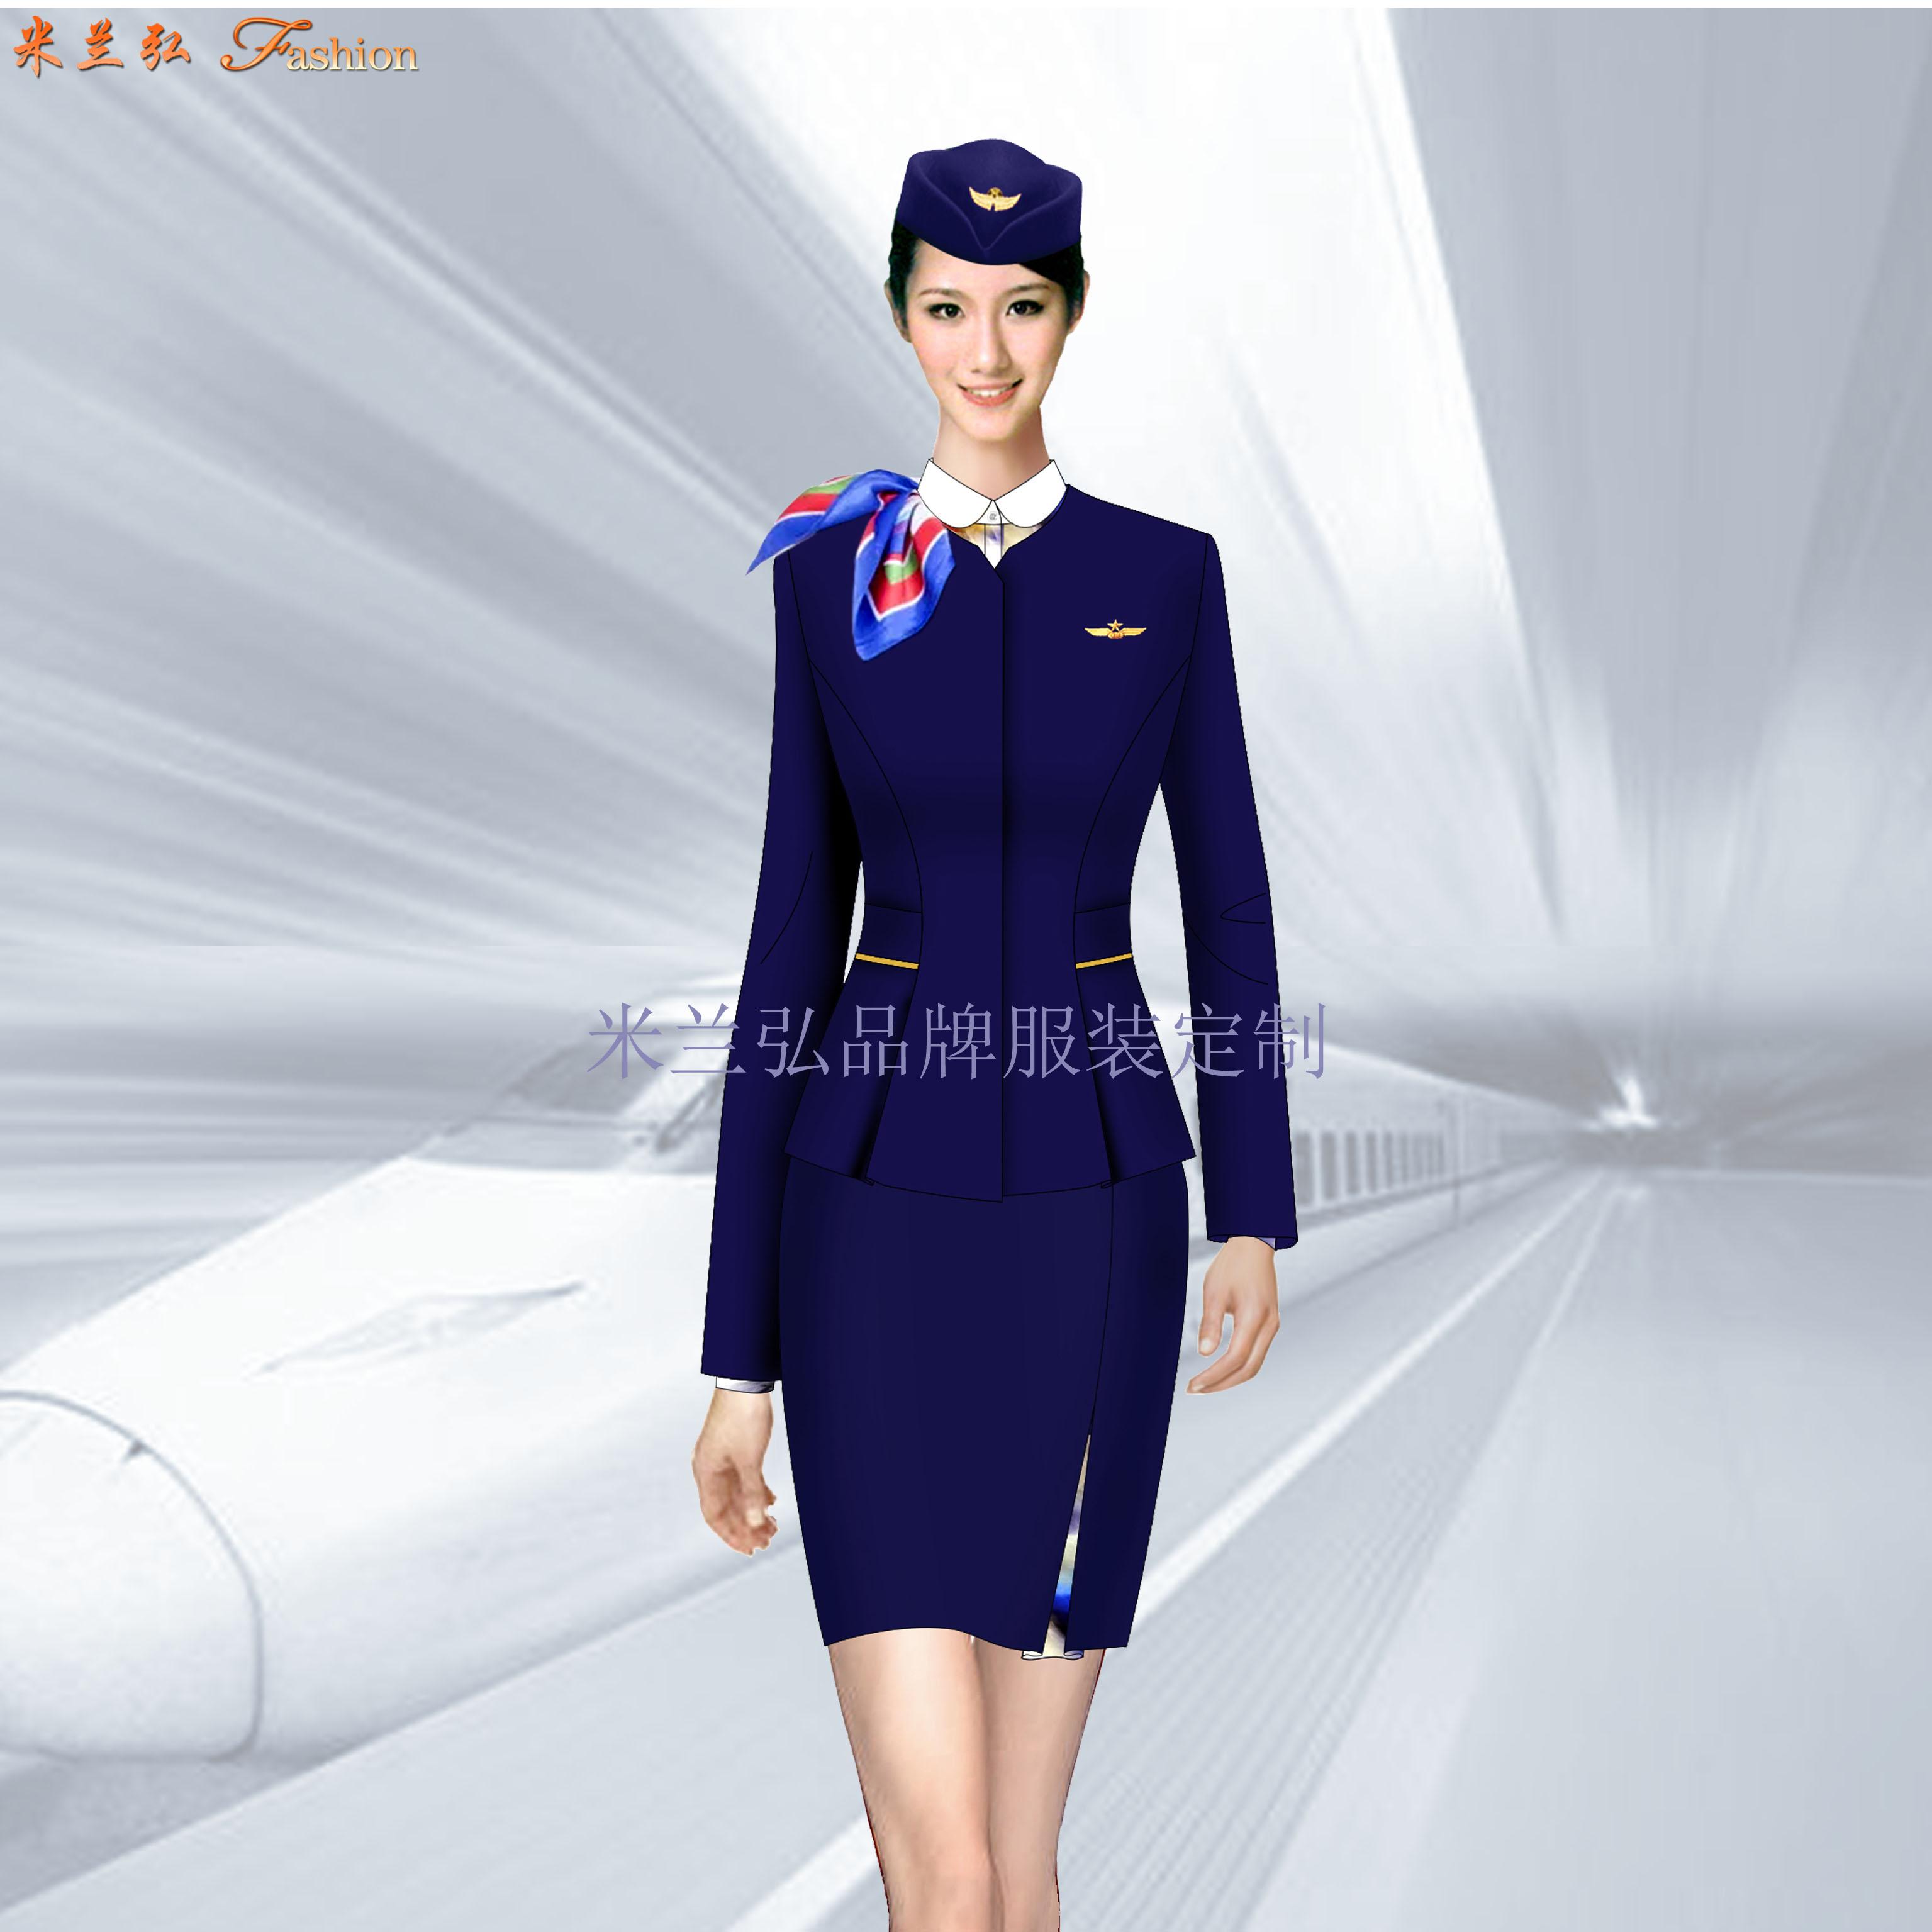 貴州空姐服定製-畢節機場機務服定做-湖北快3廠家-3